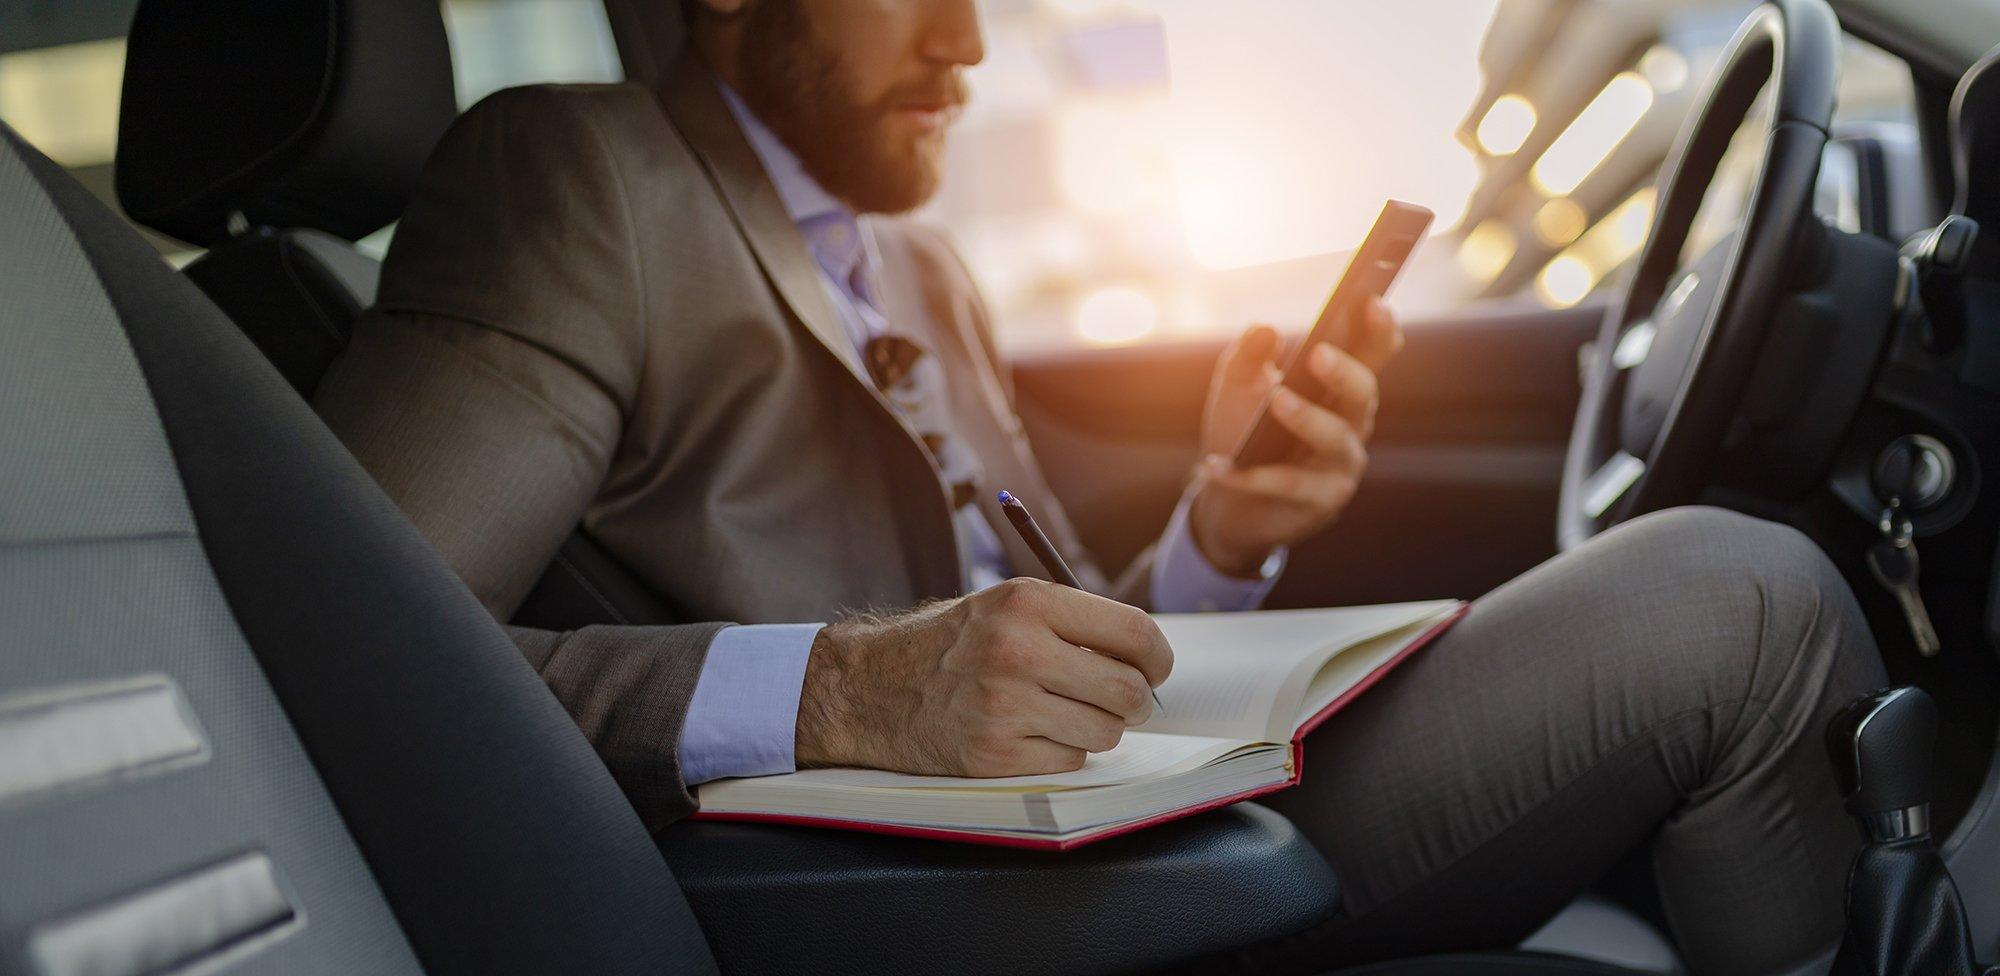 Firmenwagen: Fahrtenbuch